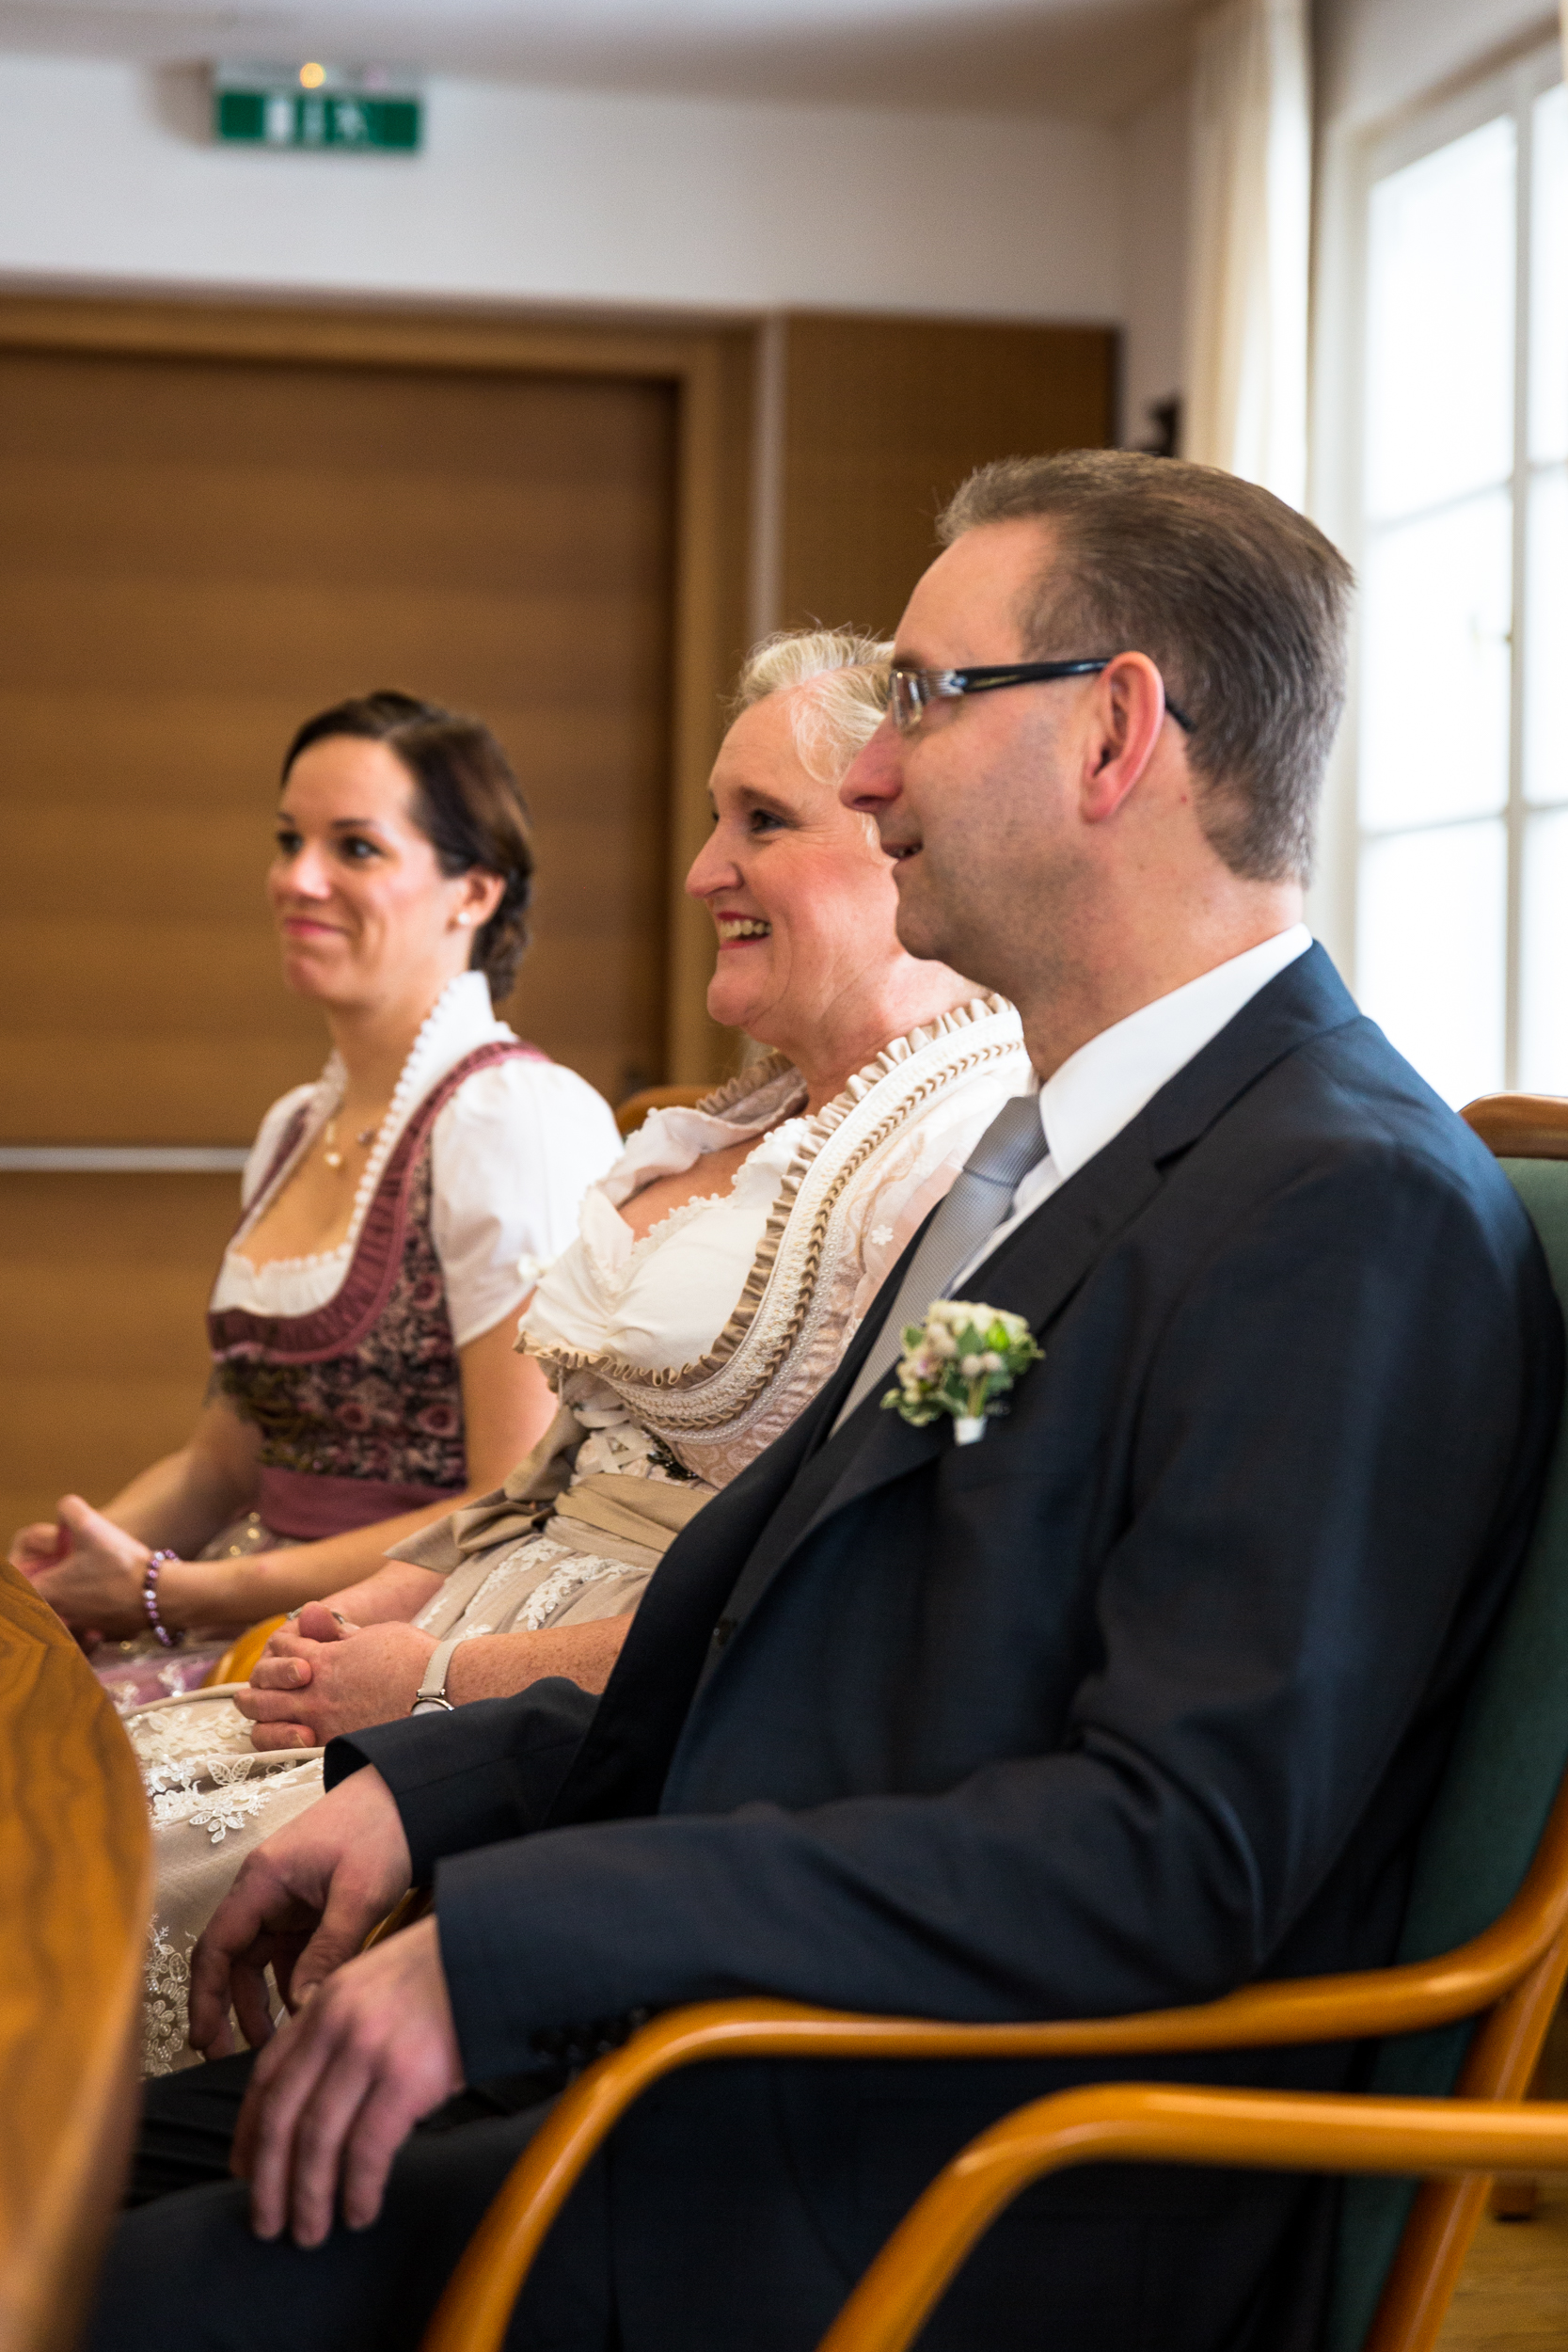 20190212_Hochzeit Koenig_0010.jpg